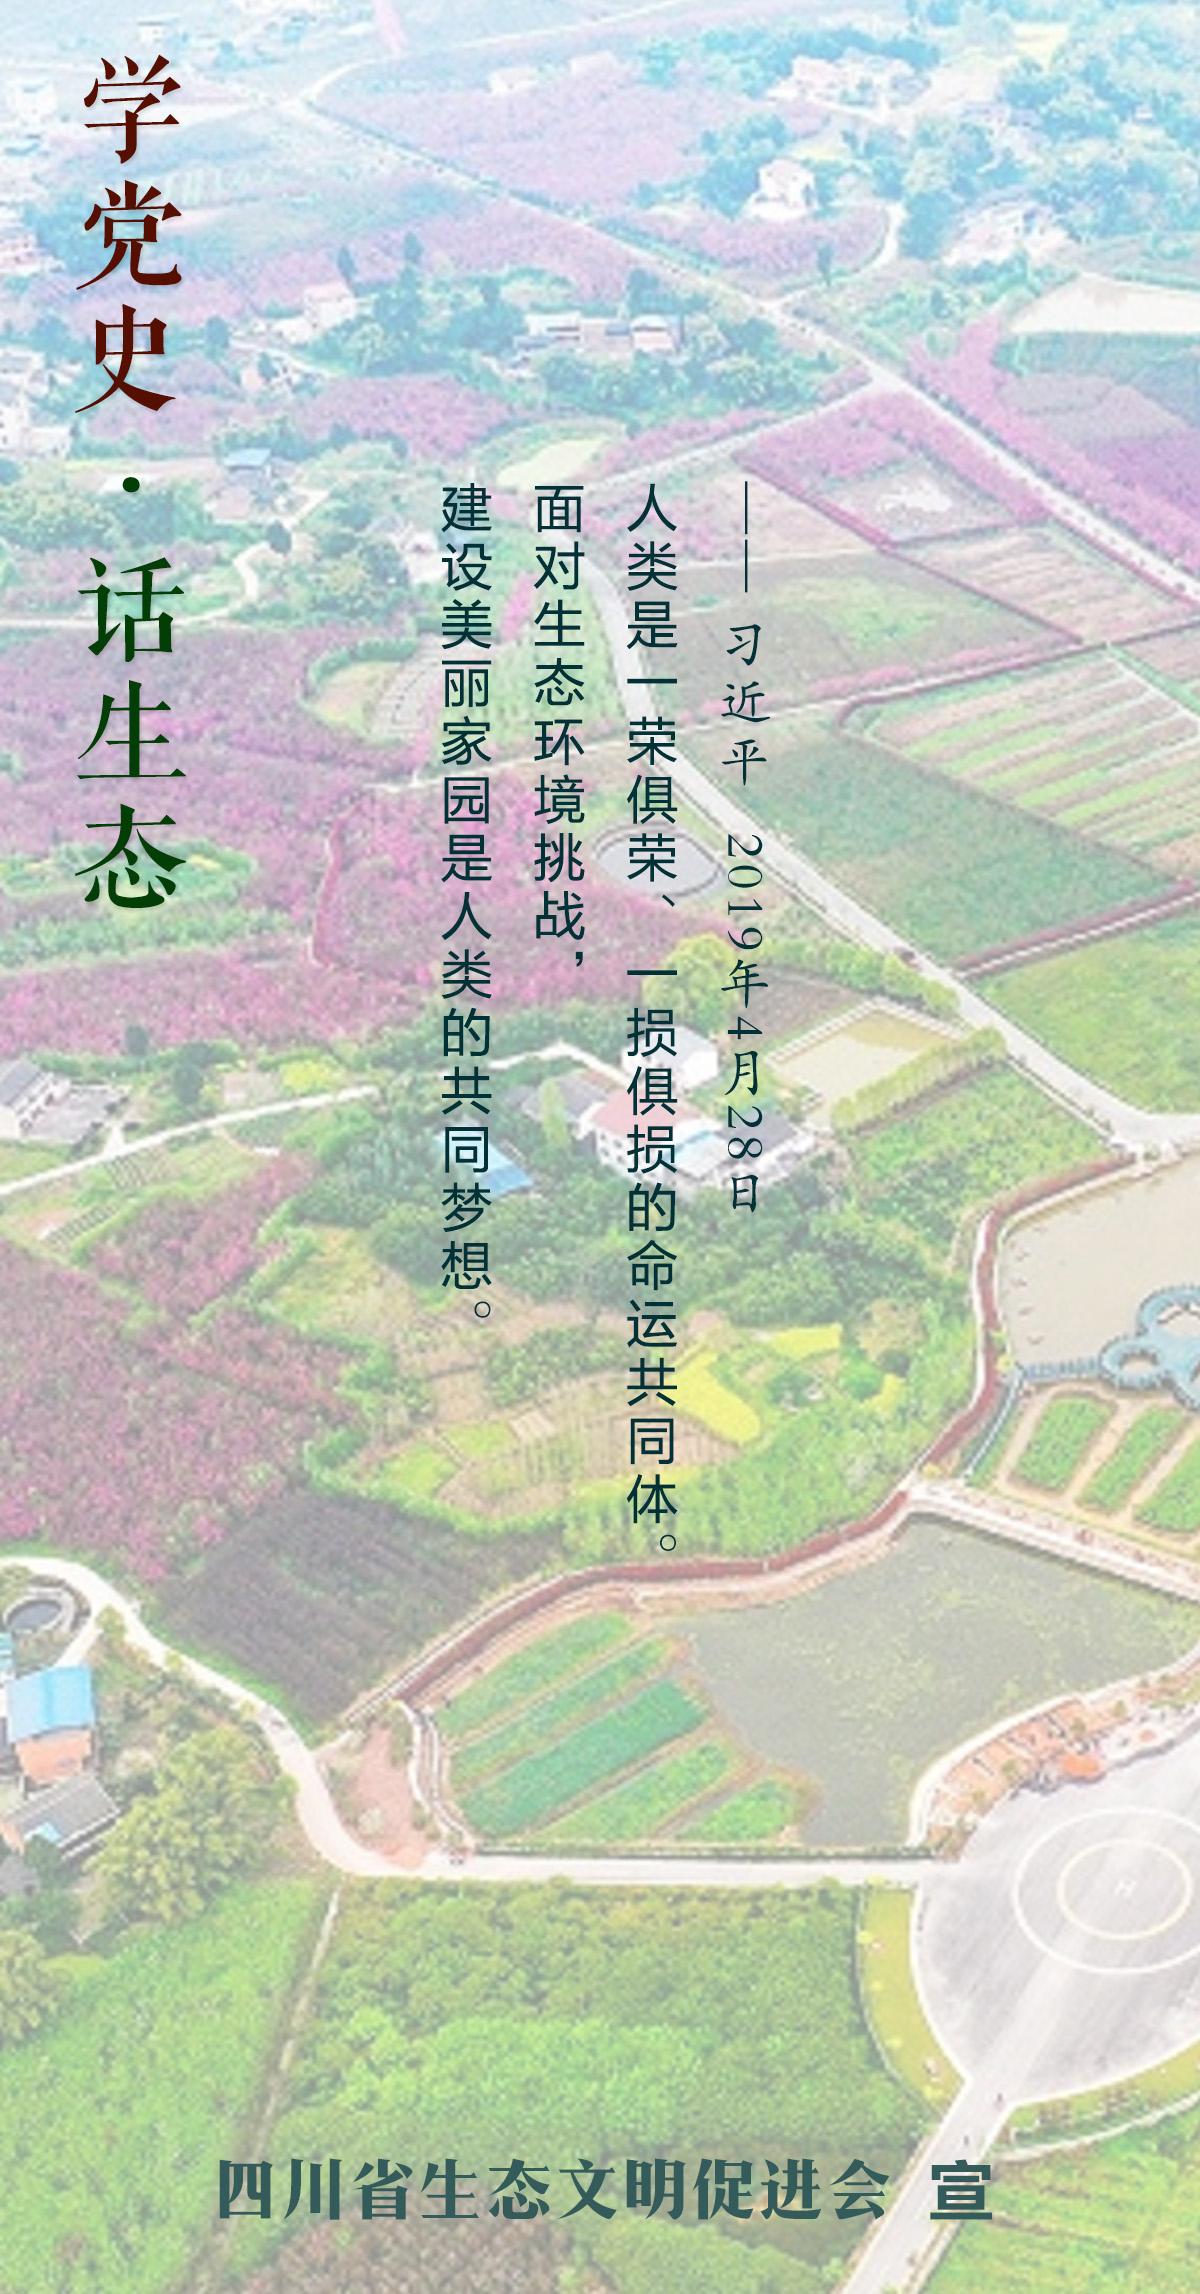 学党史话生态-建设美丽家园.jpg